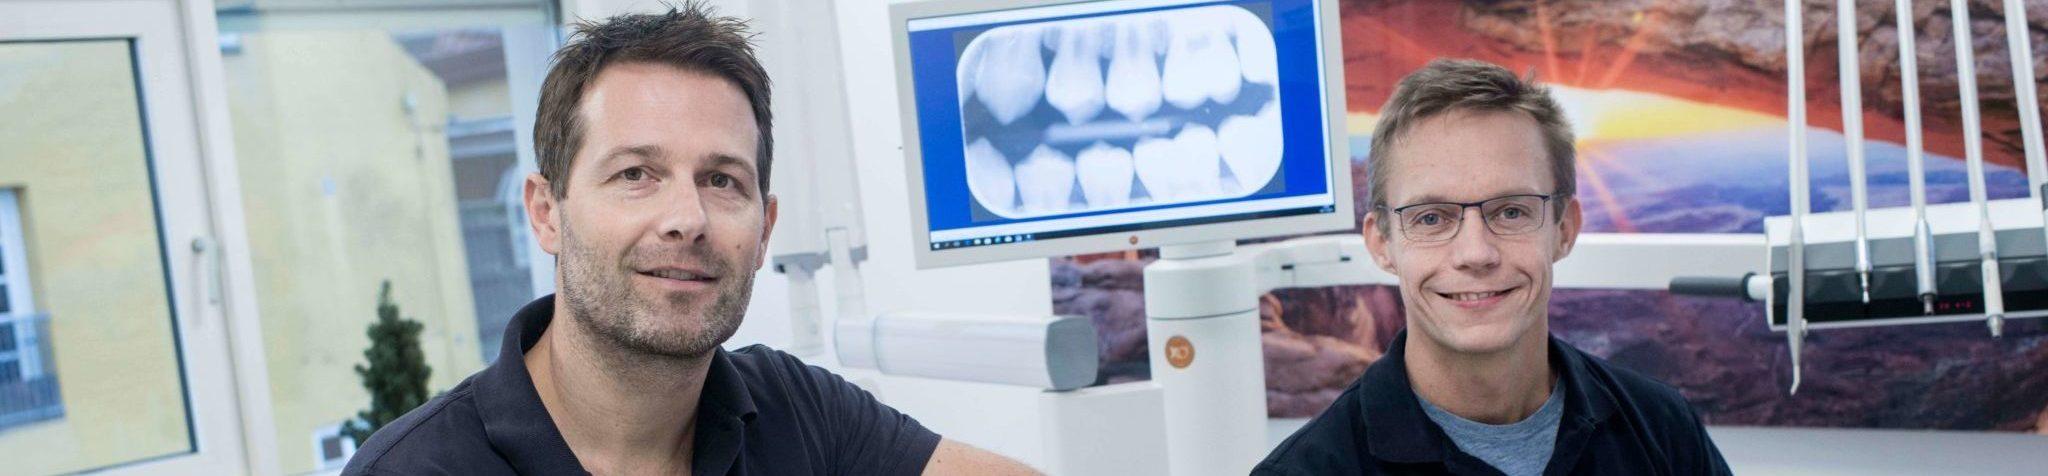 Ejere og tandlæger hos sundhedshuset Svendborg